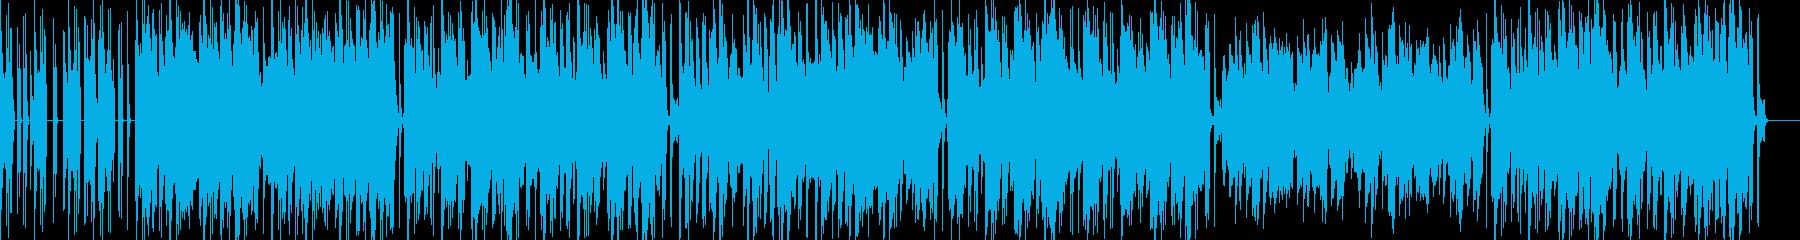 エキゾチックなシンセベースのインス...の再生済みの波形